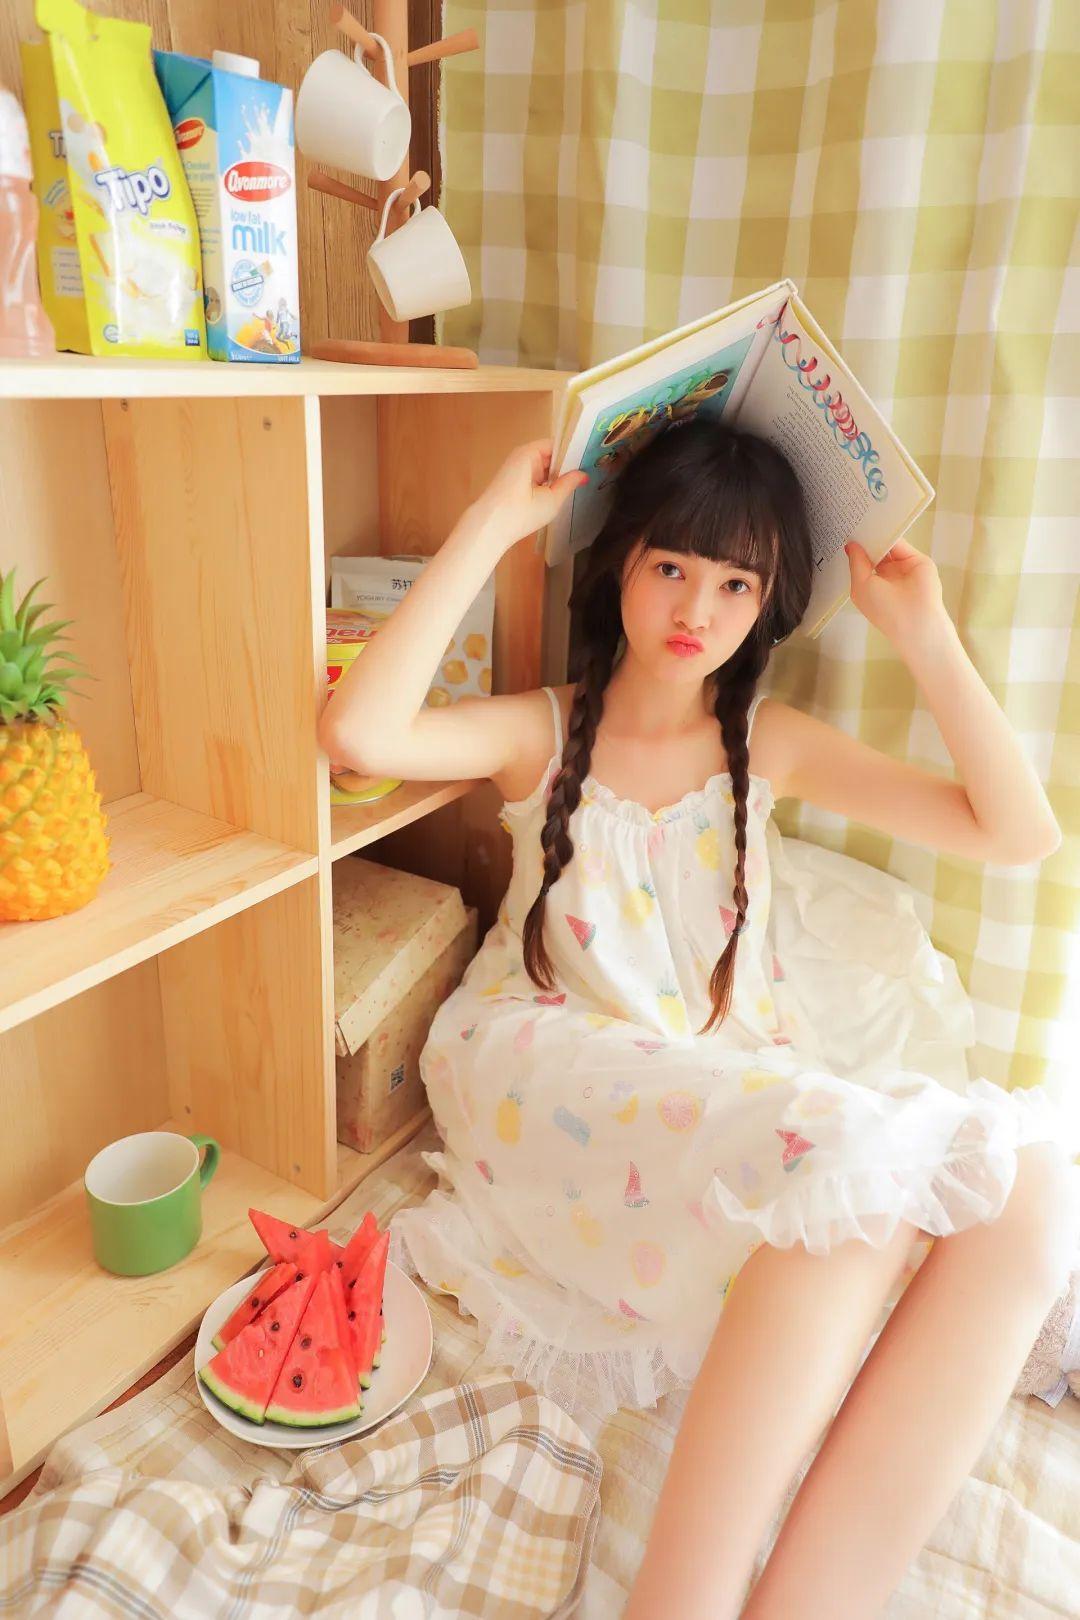 妹子摄影 – 甜美连衣裙双马尾少女吃西瓜_图片 No.7